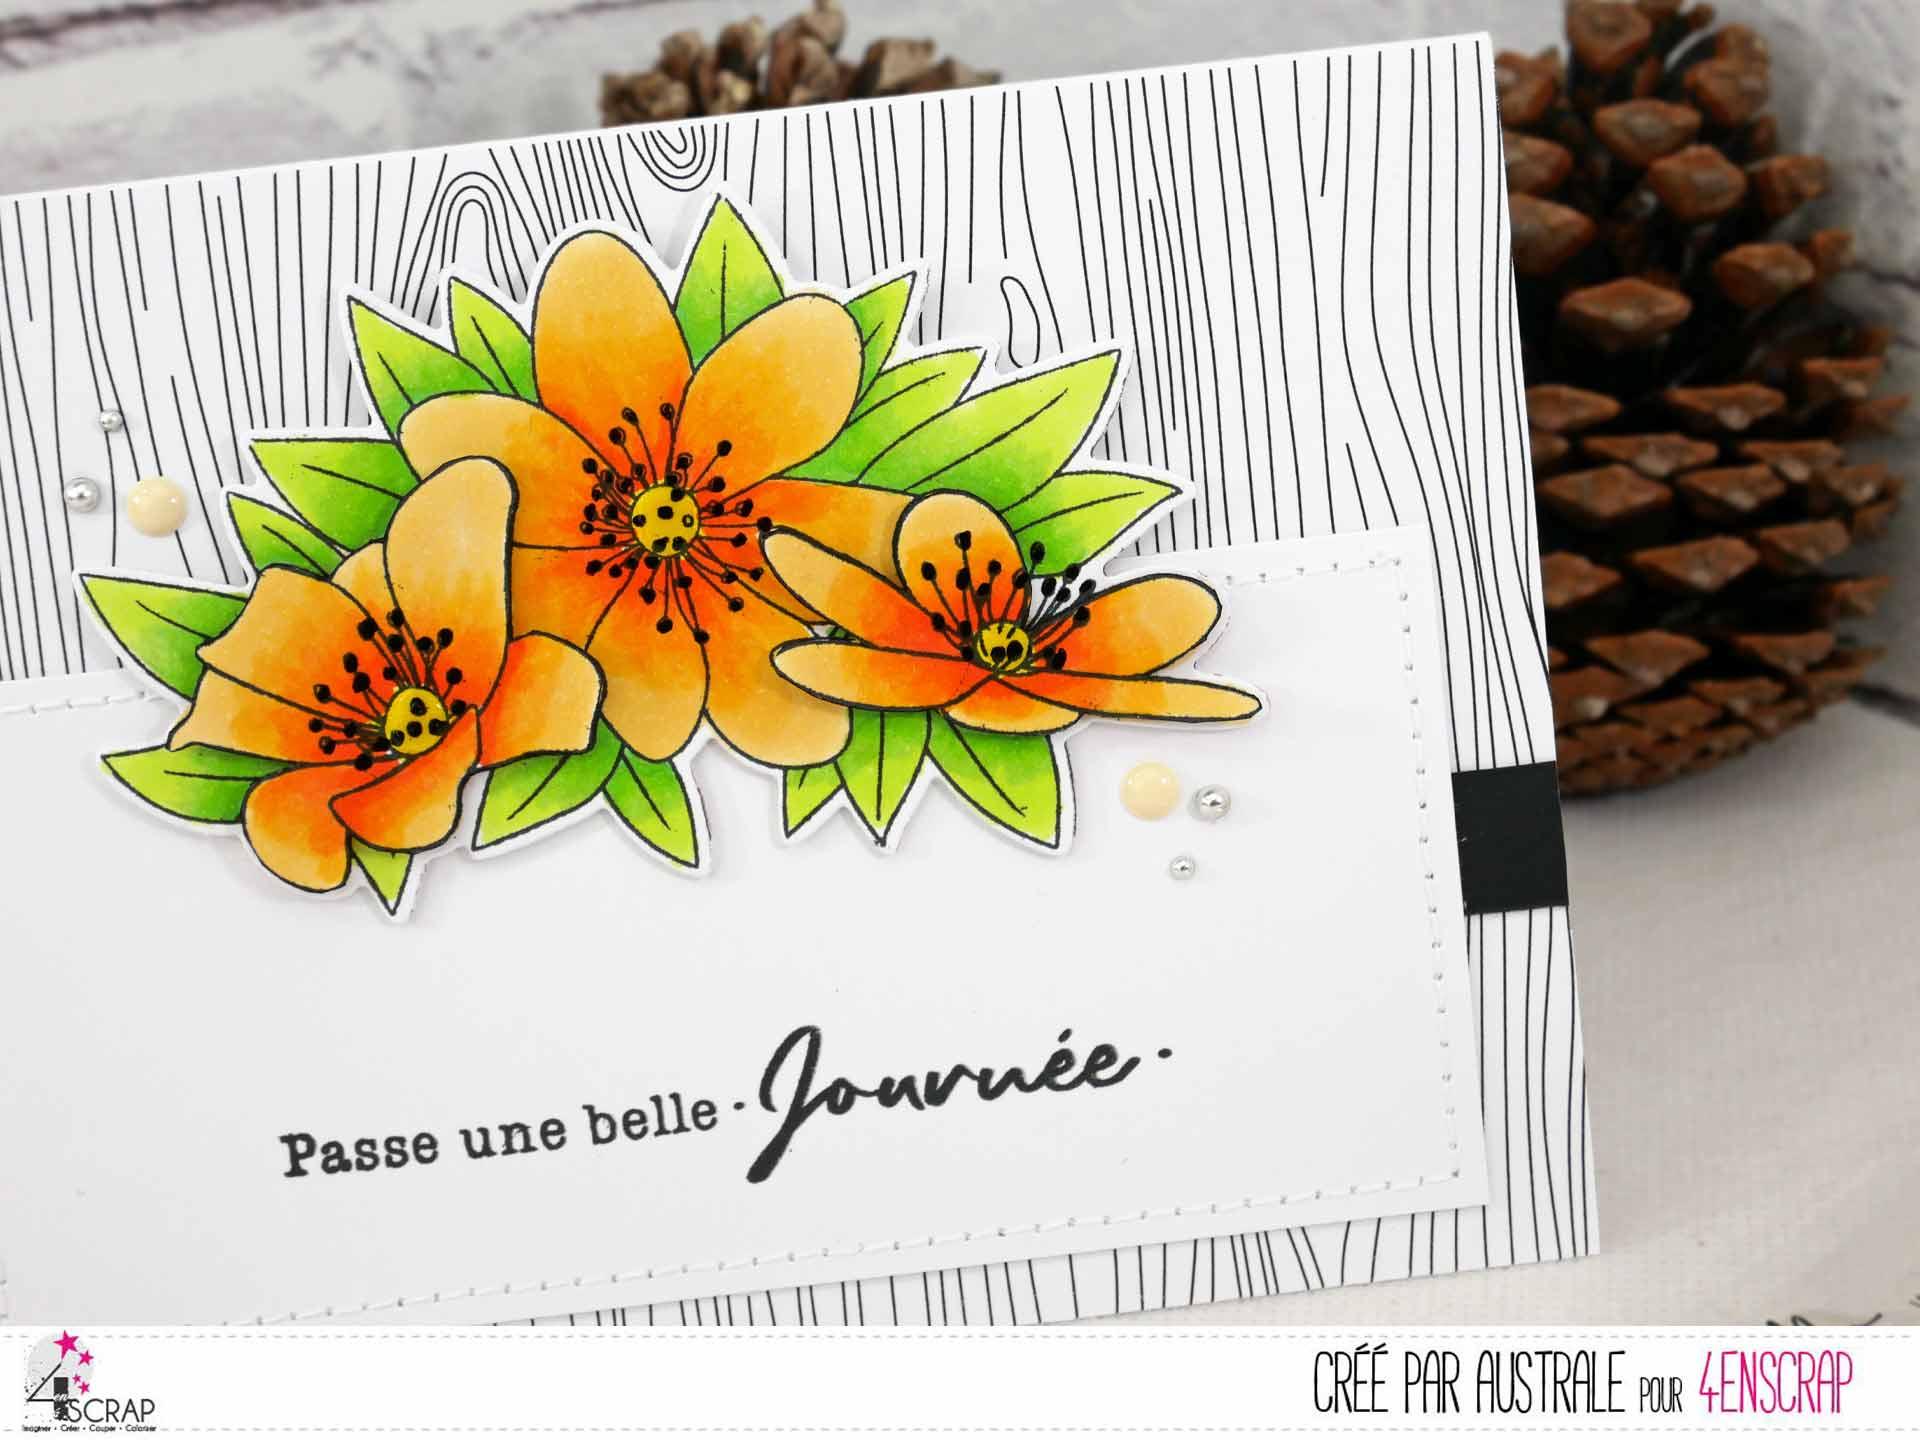 Carte d'anniversaire avec fond en noir et blanc avec un bouquet d'anémones en relief.